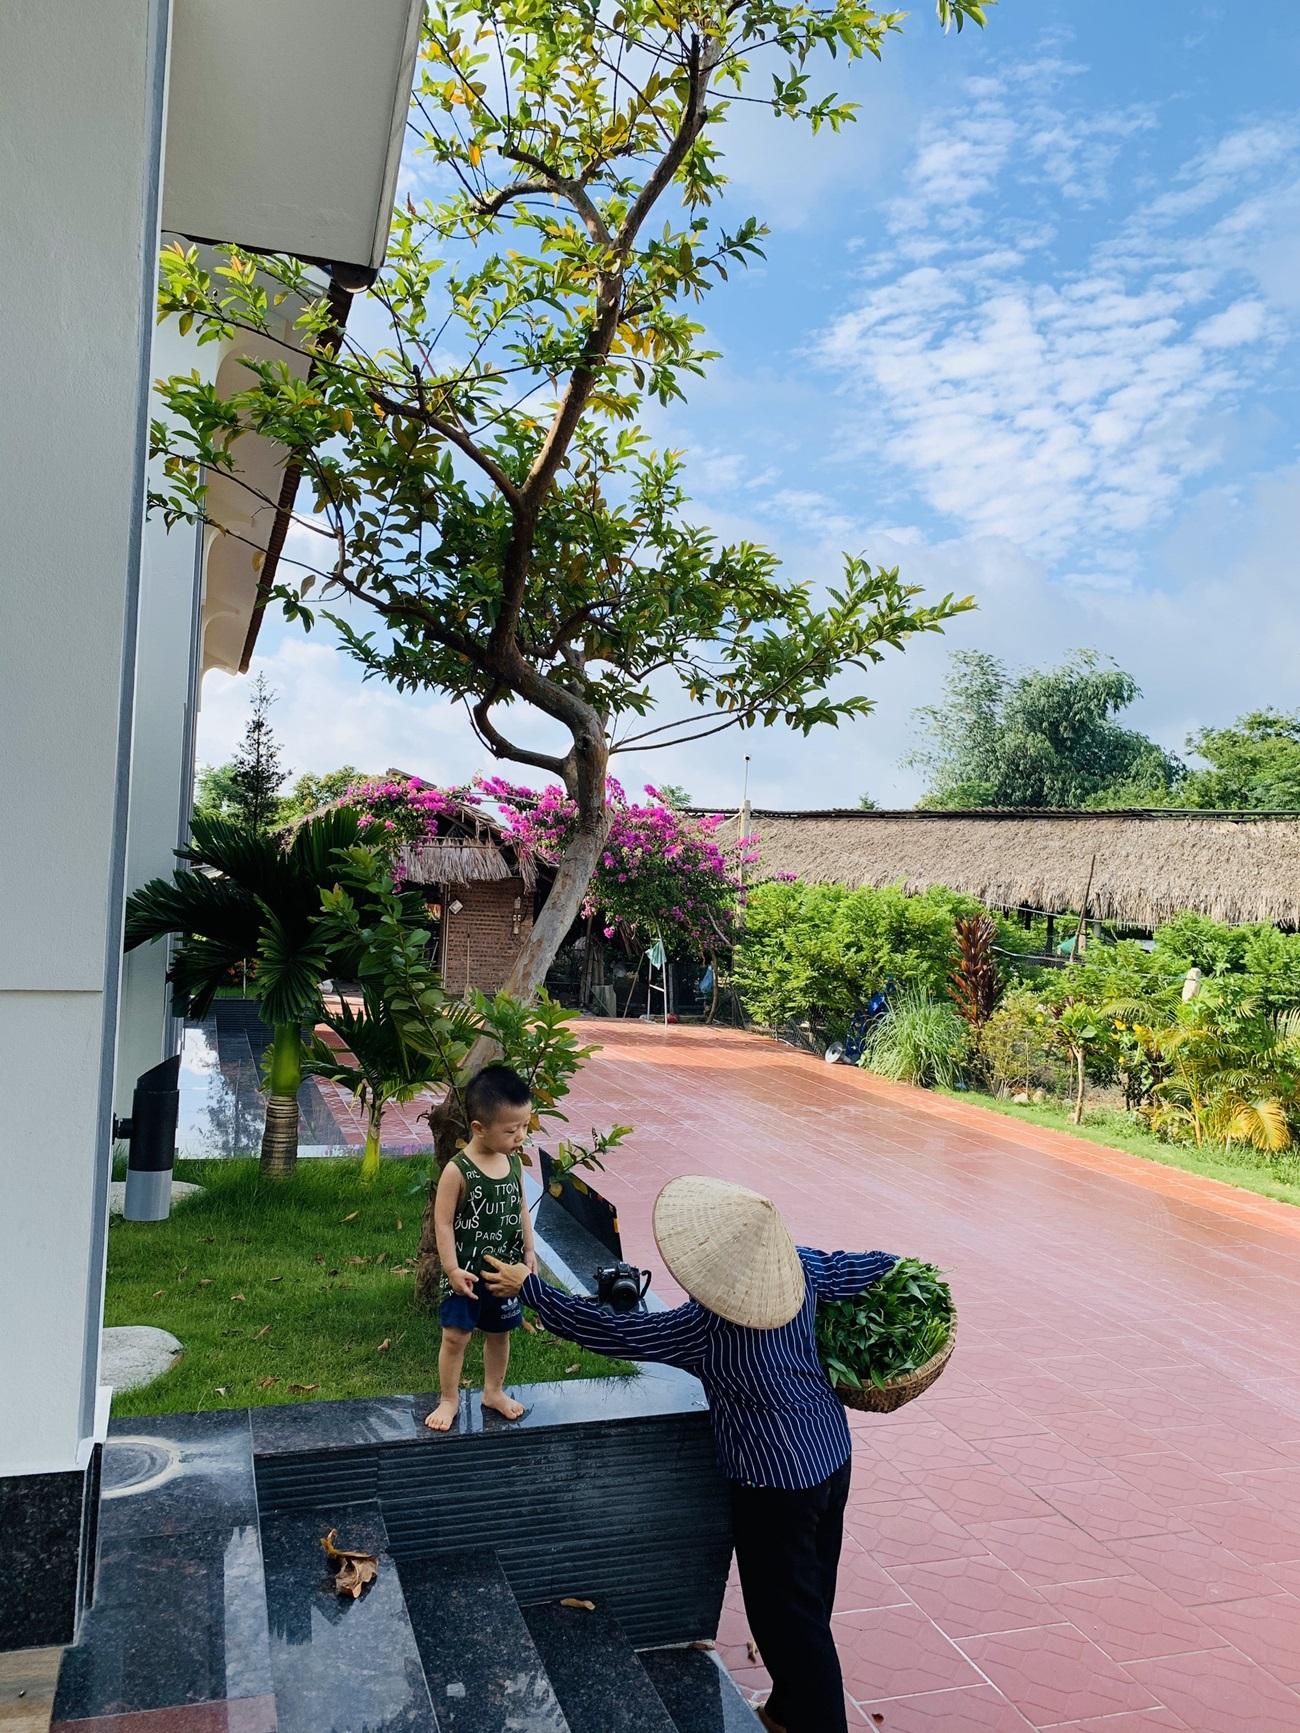 13 1598799900170618619549 - Con trai xây nhà vườn bên đồng lúa xanh mát tặng bố mẹ an hưởng tuổi già ở Vĩnh Phúc